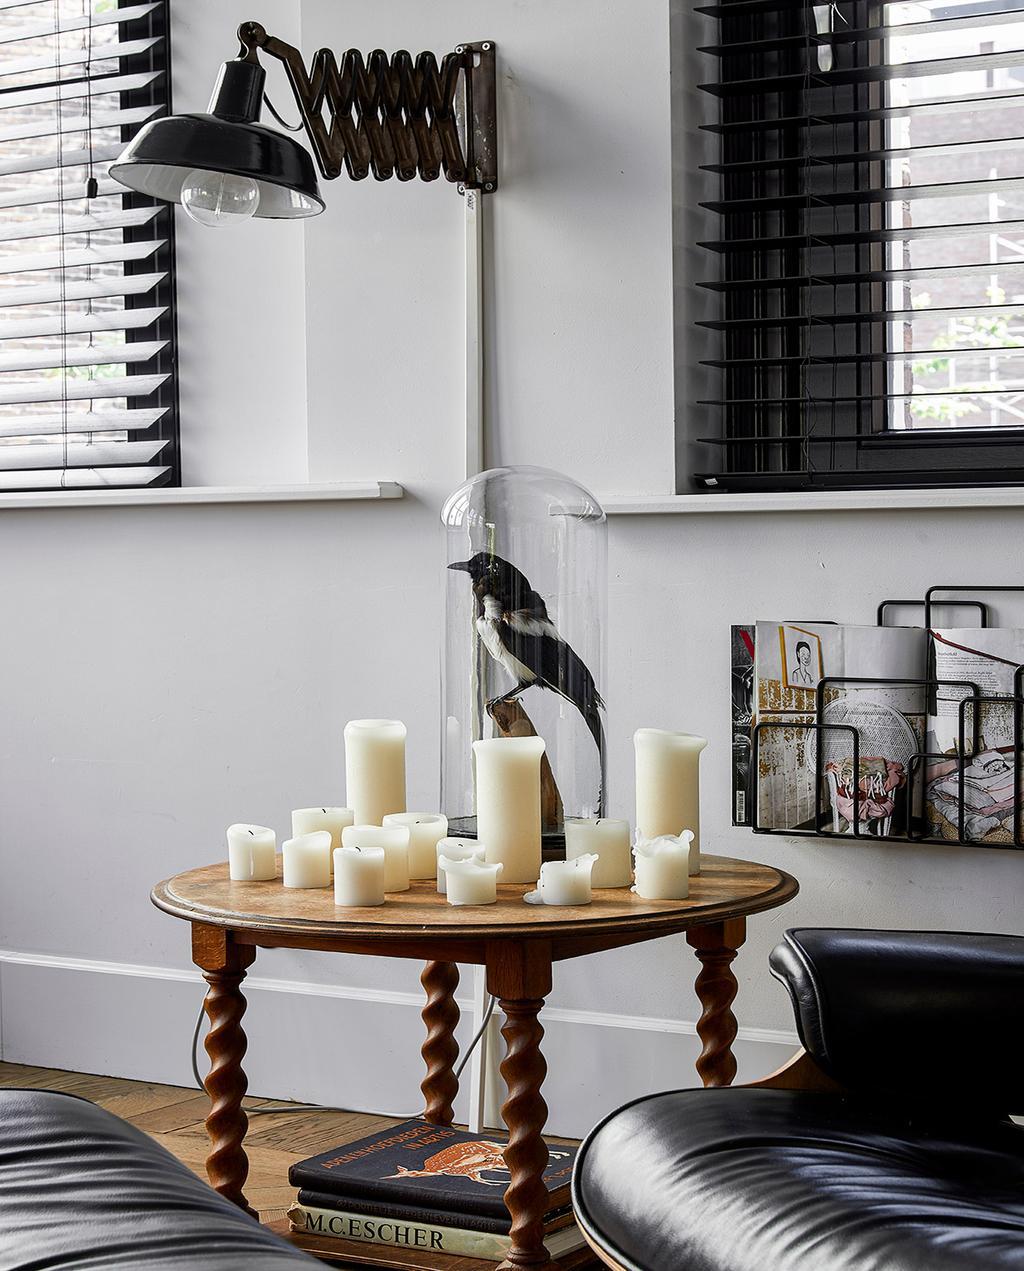 vtwonen 02-2021 | binnenkijken bij Martine kaarsen op een houten tafel, met een opgezette vogel in stolp